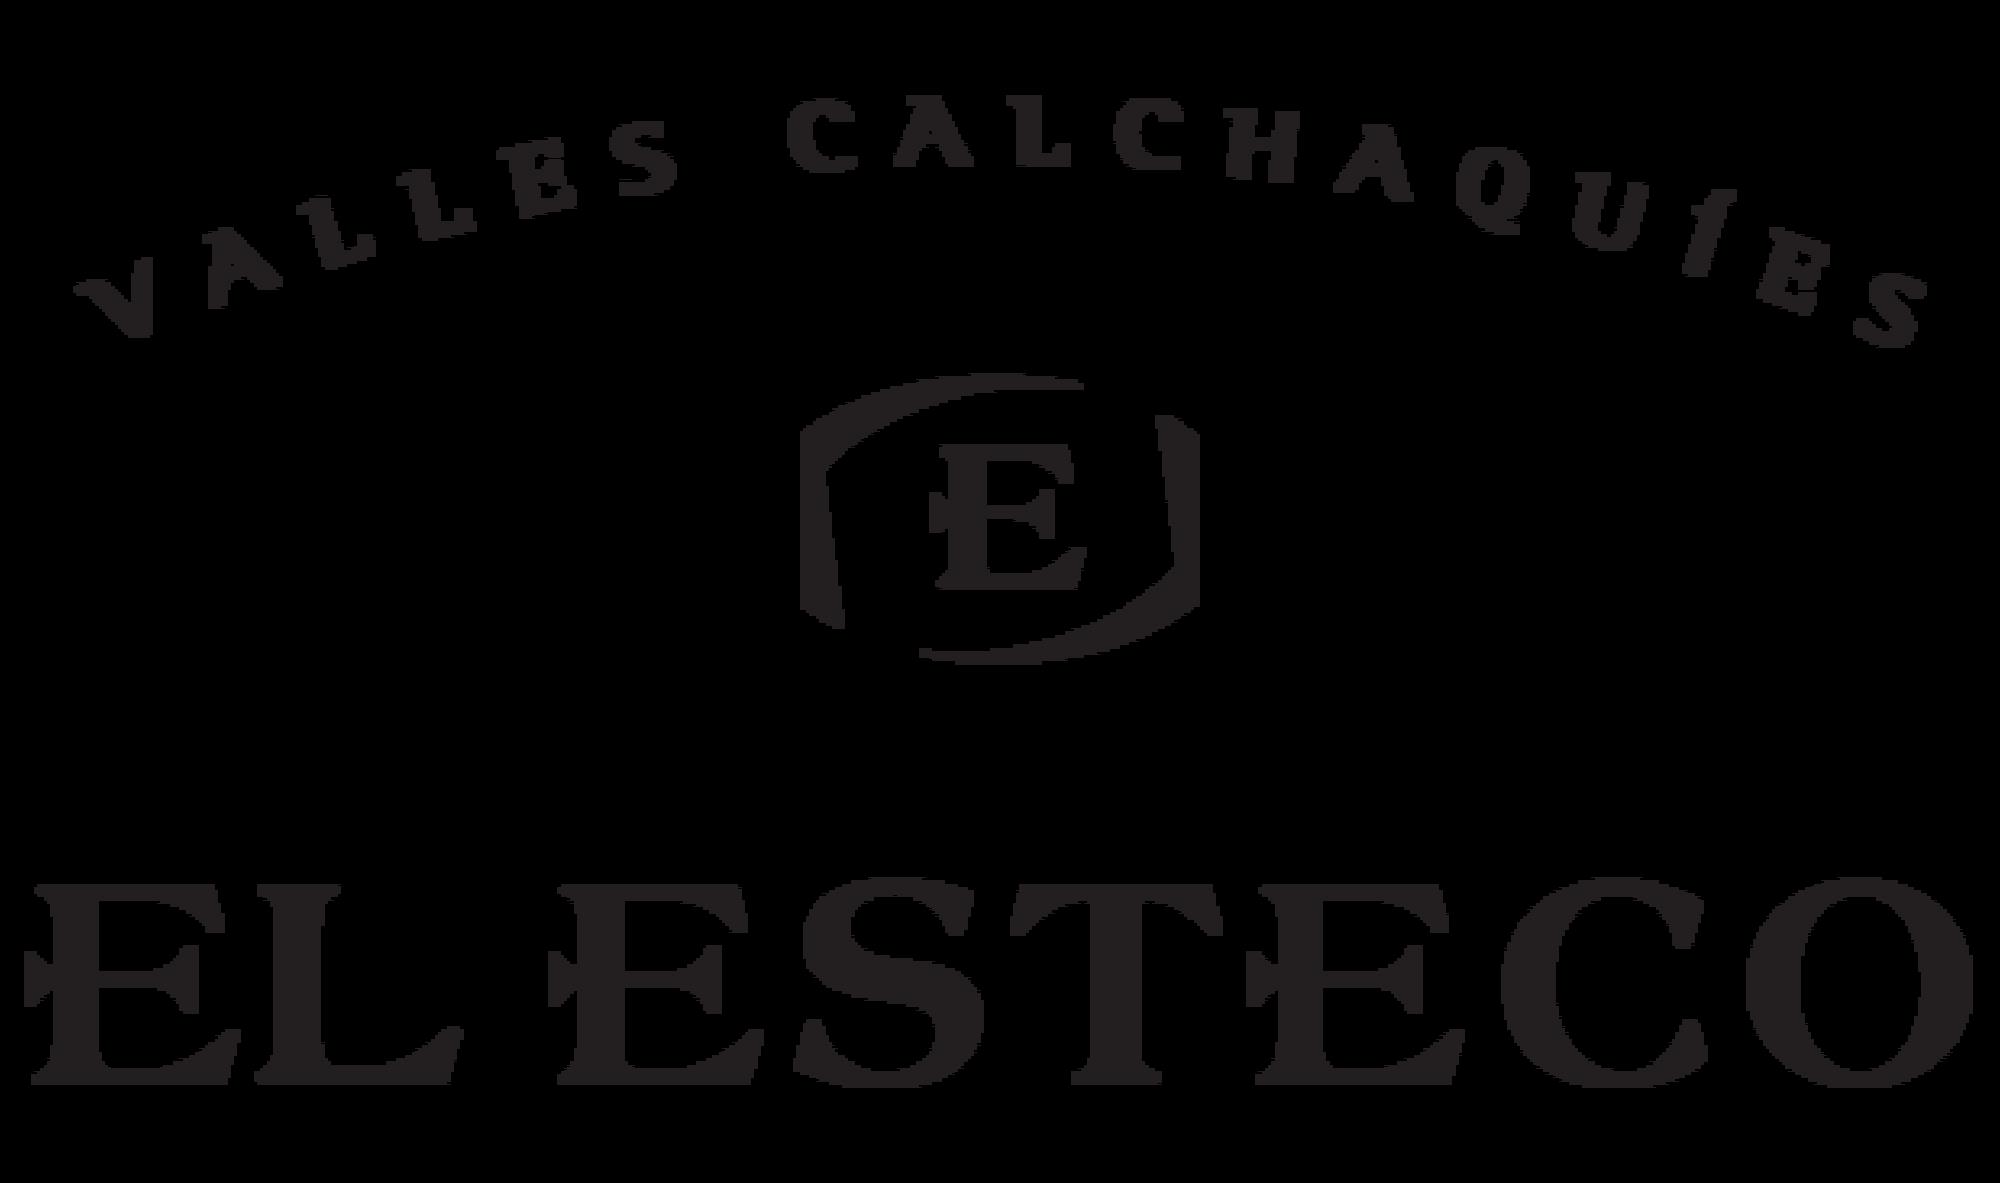 Logo el esteco calchaqu%c3%8des png